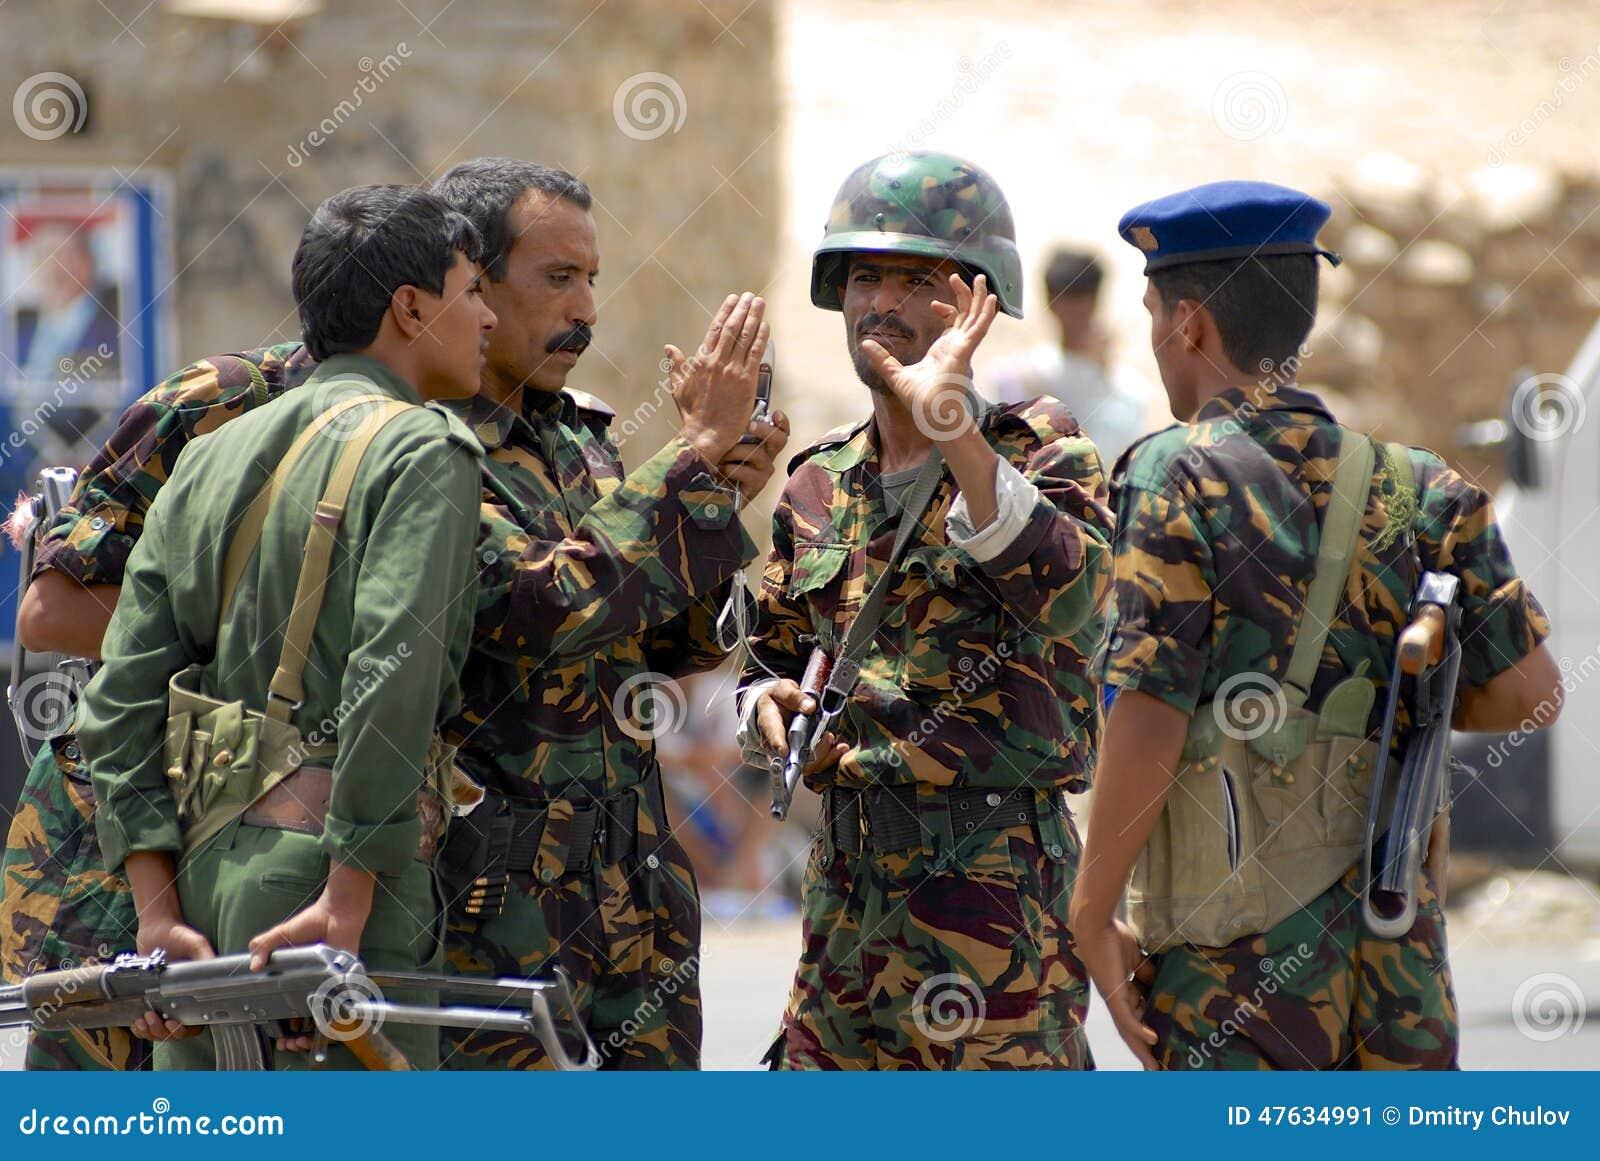 Les militaires yéménites parlent au point de contrôle de sécurité, vallée de Hadramaut, Yémen